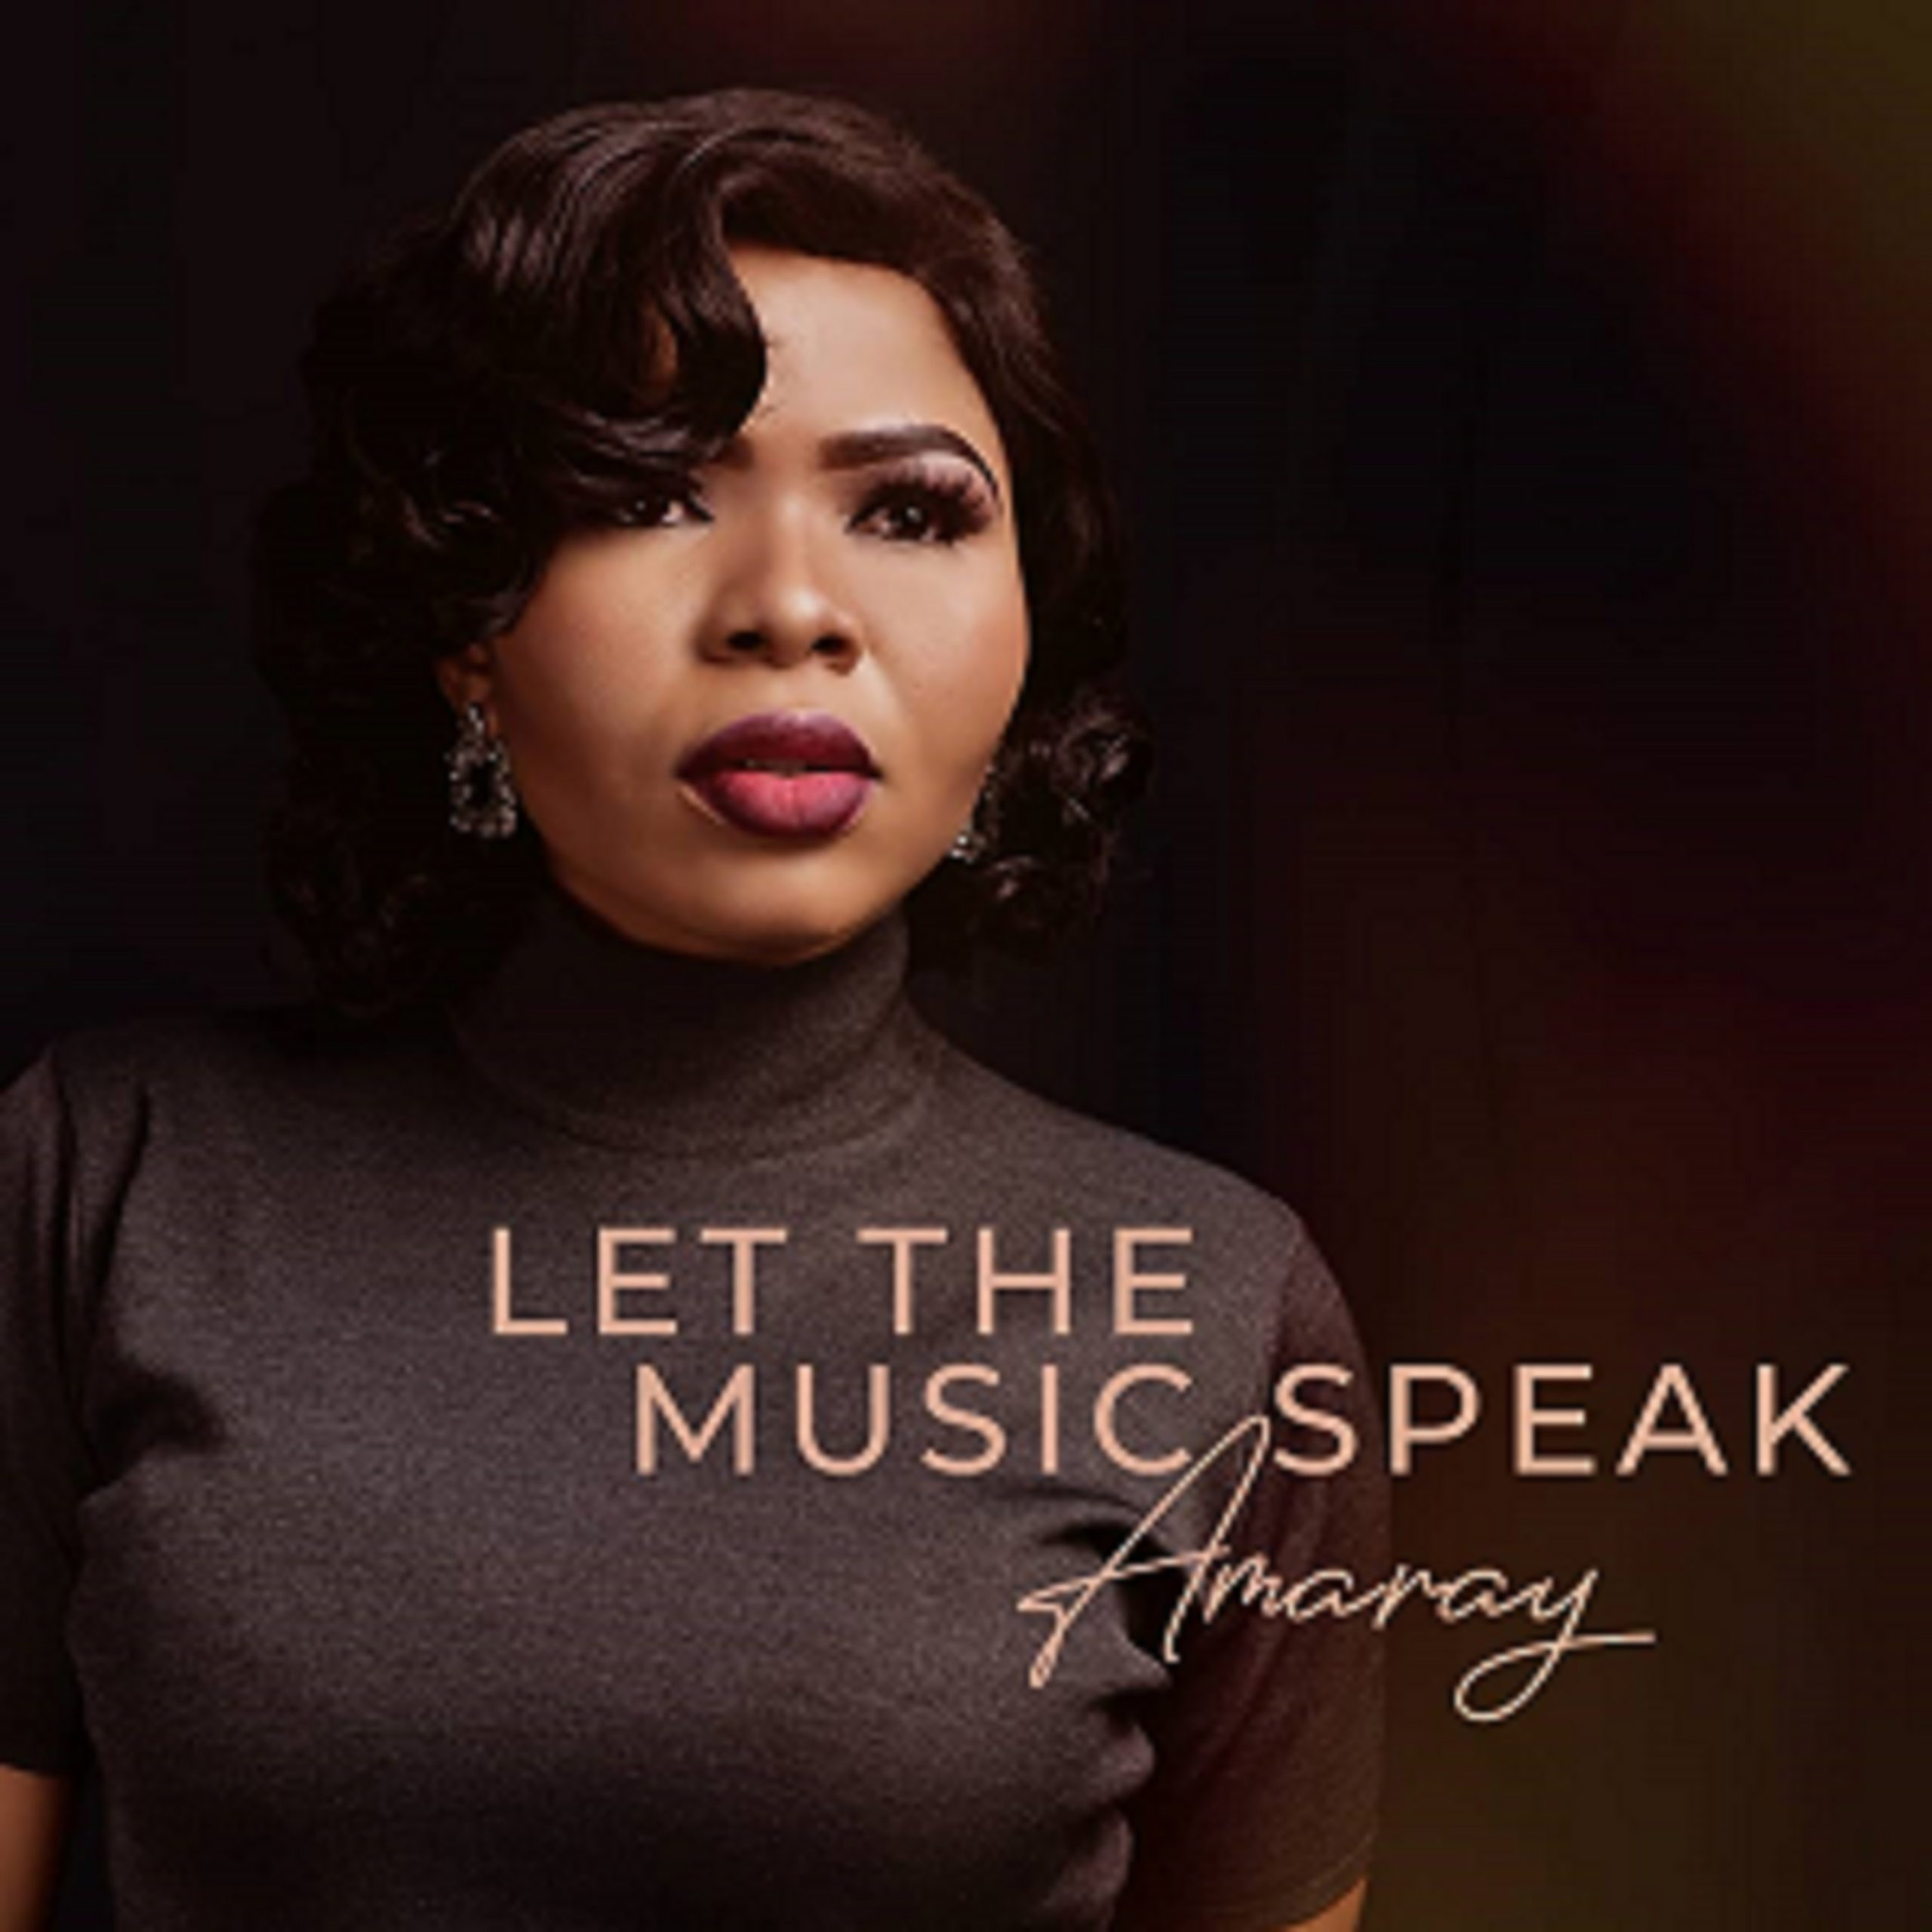 Amaray - Let The Music Speak